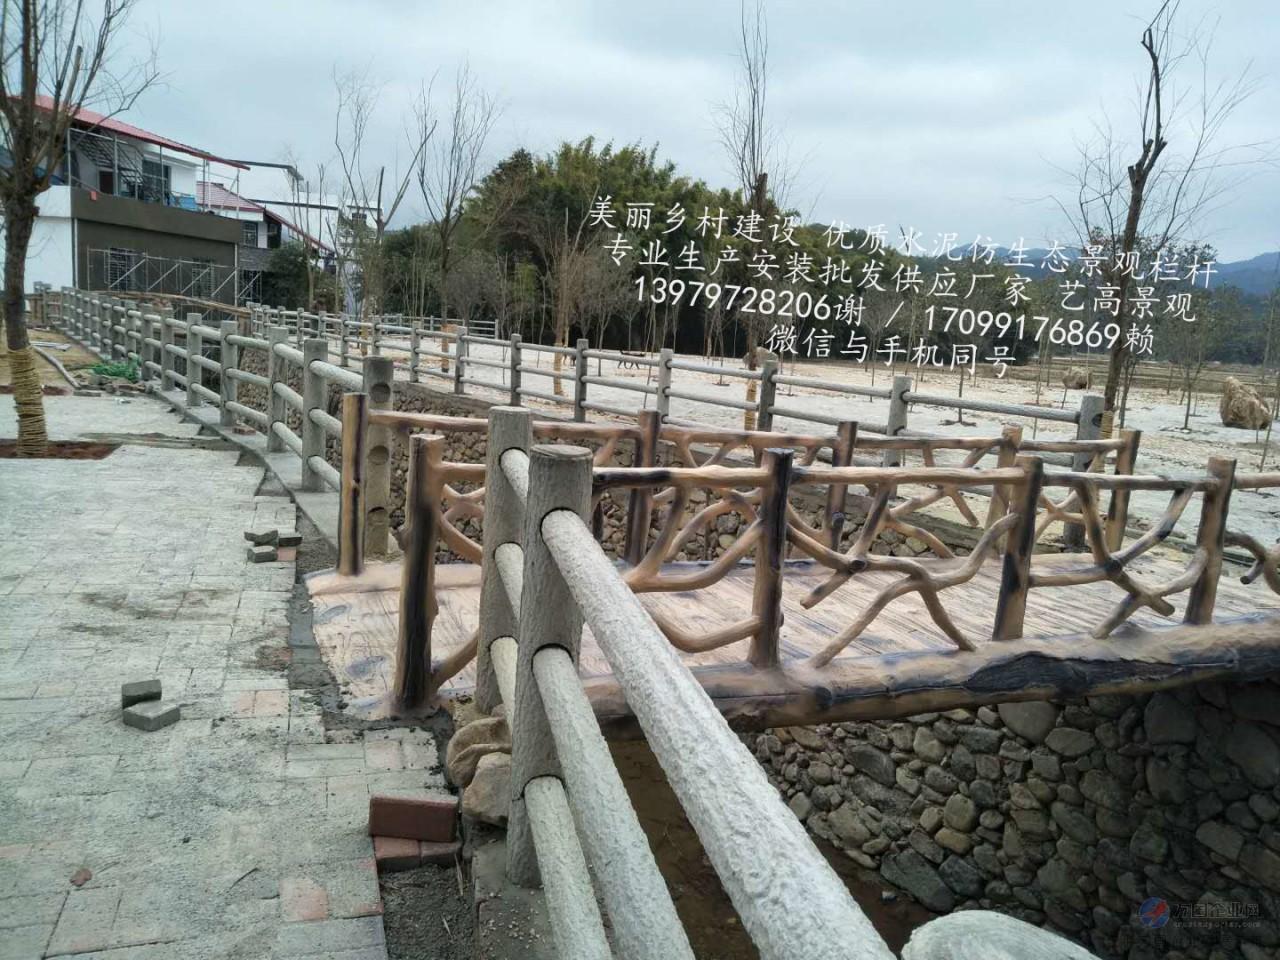 水泥仿生态景观桥护栏